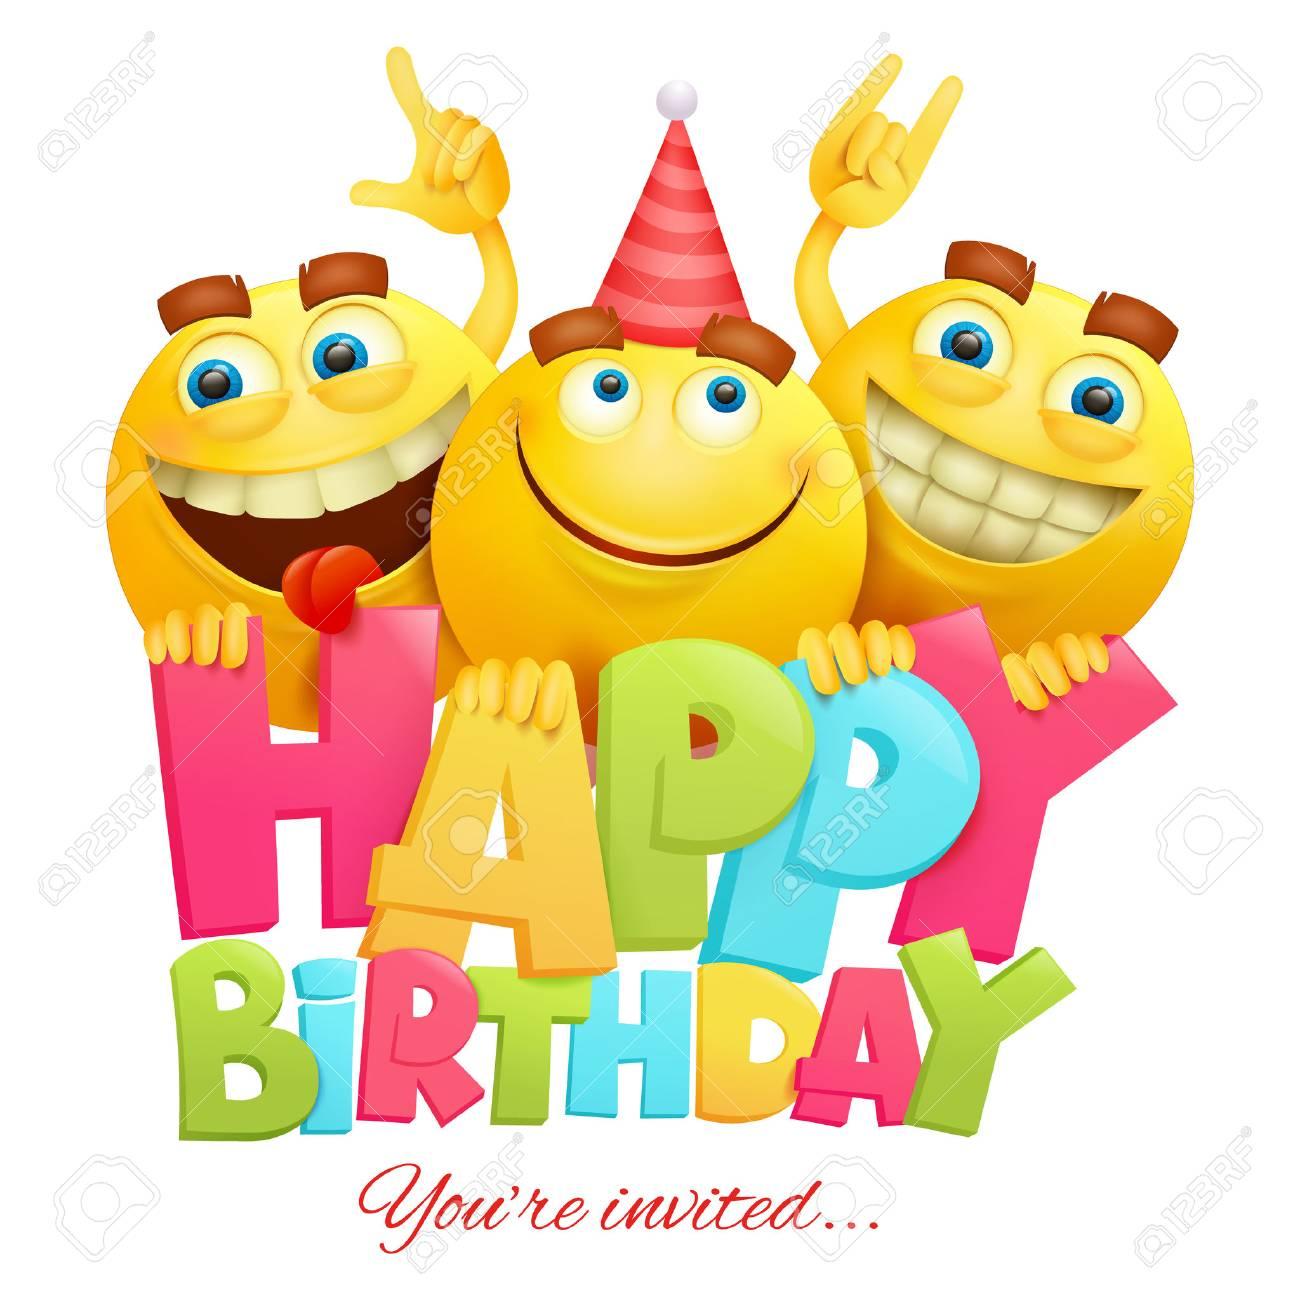 Plantilla De Tarjeta De Invitación De Feliz Cumpleaños Con Tres Personajes Emoji